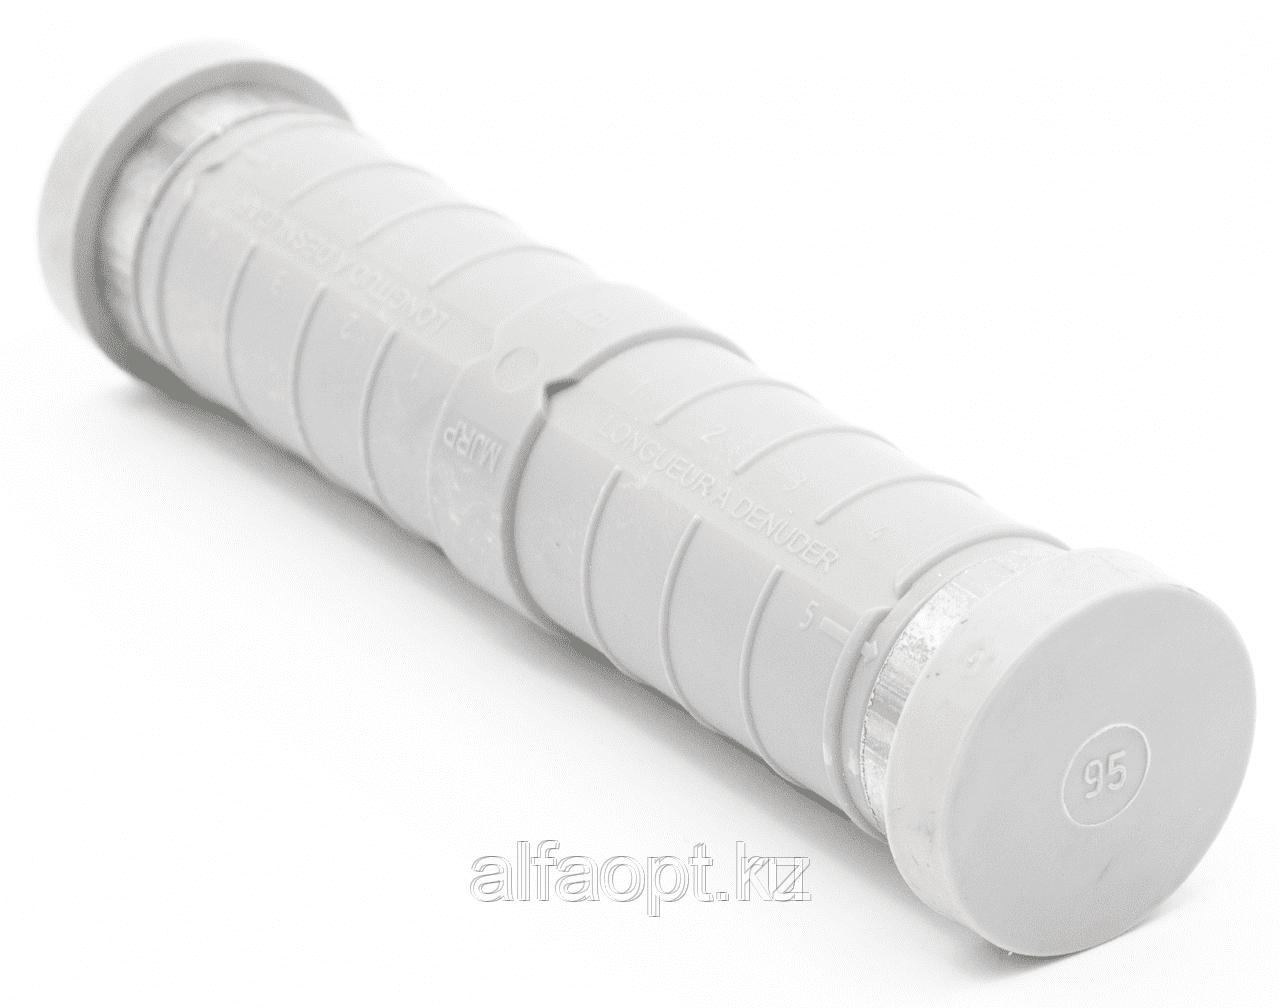 Соединительный зажим (MJRP 95)